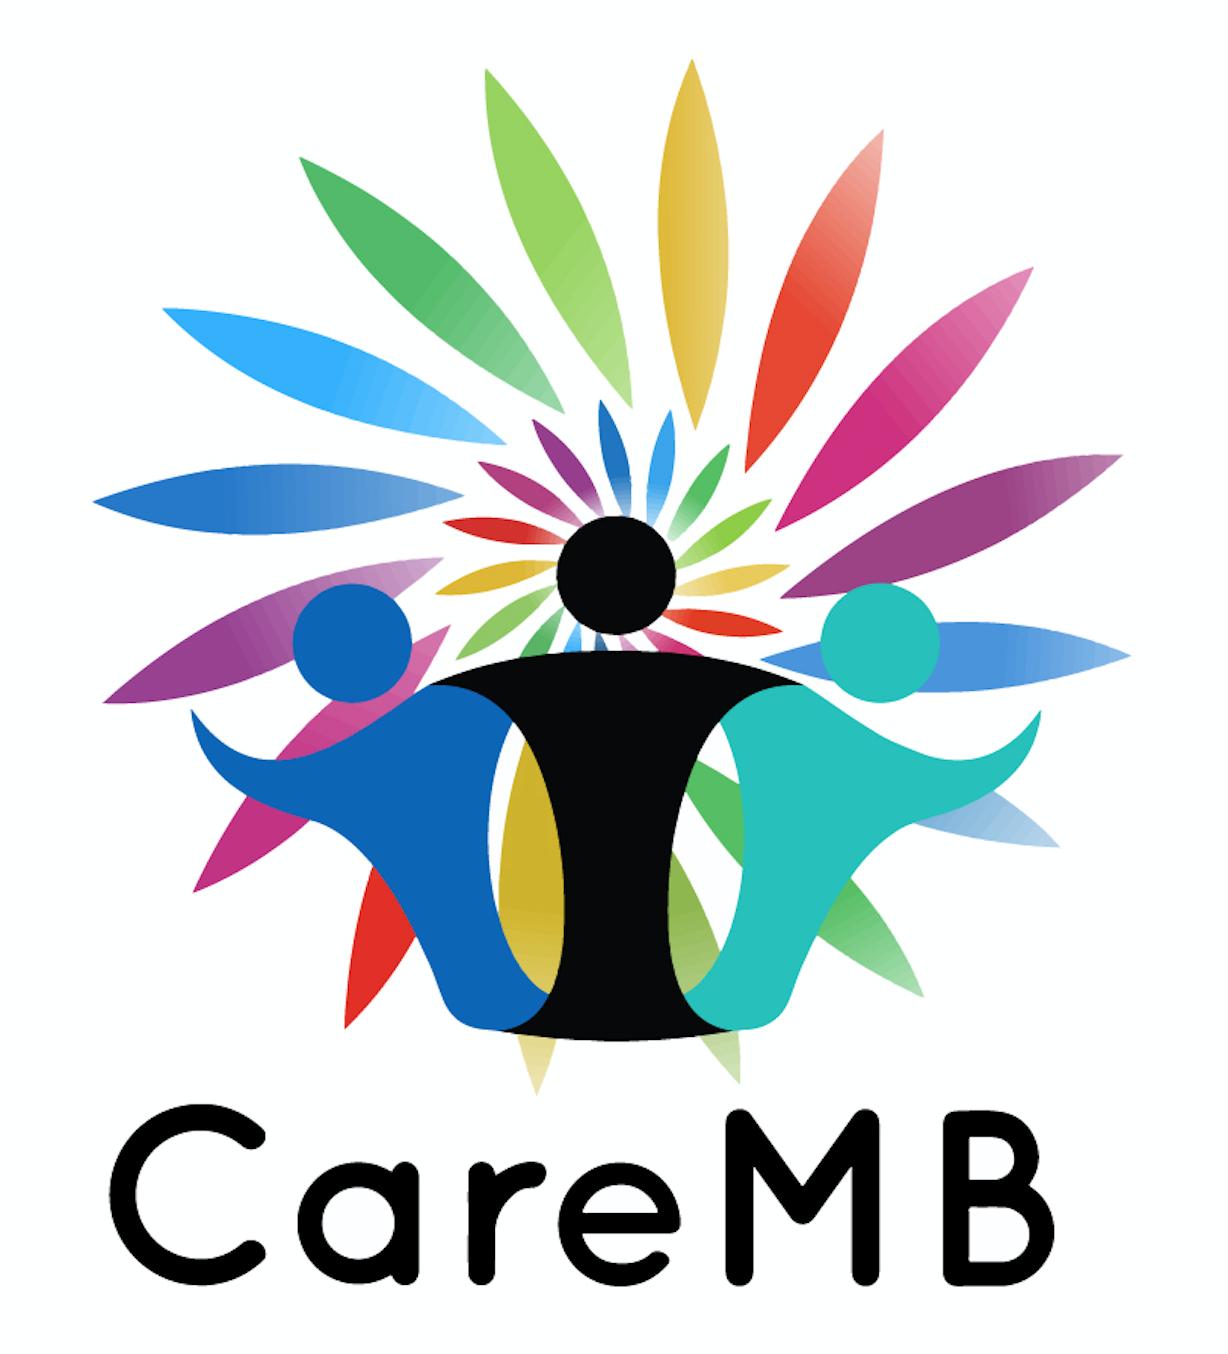 www.caremb.com